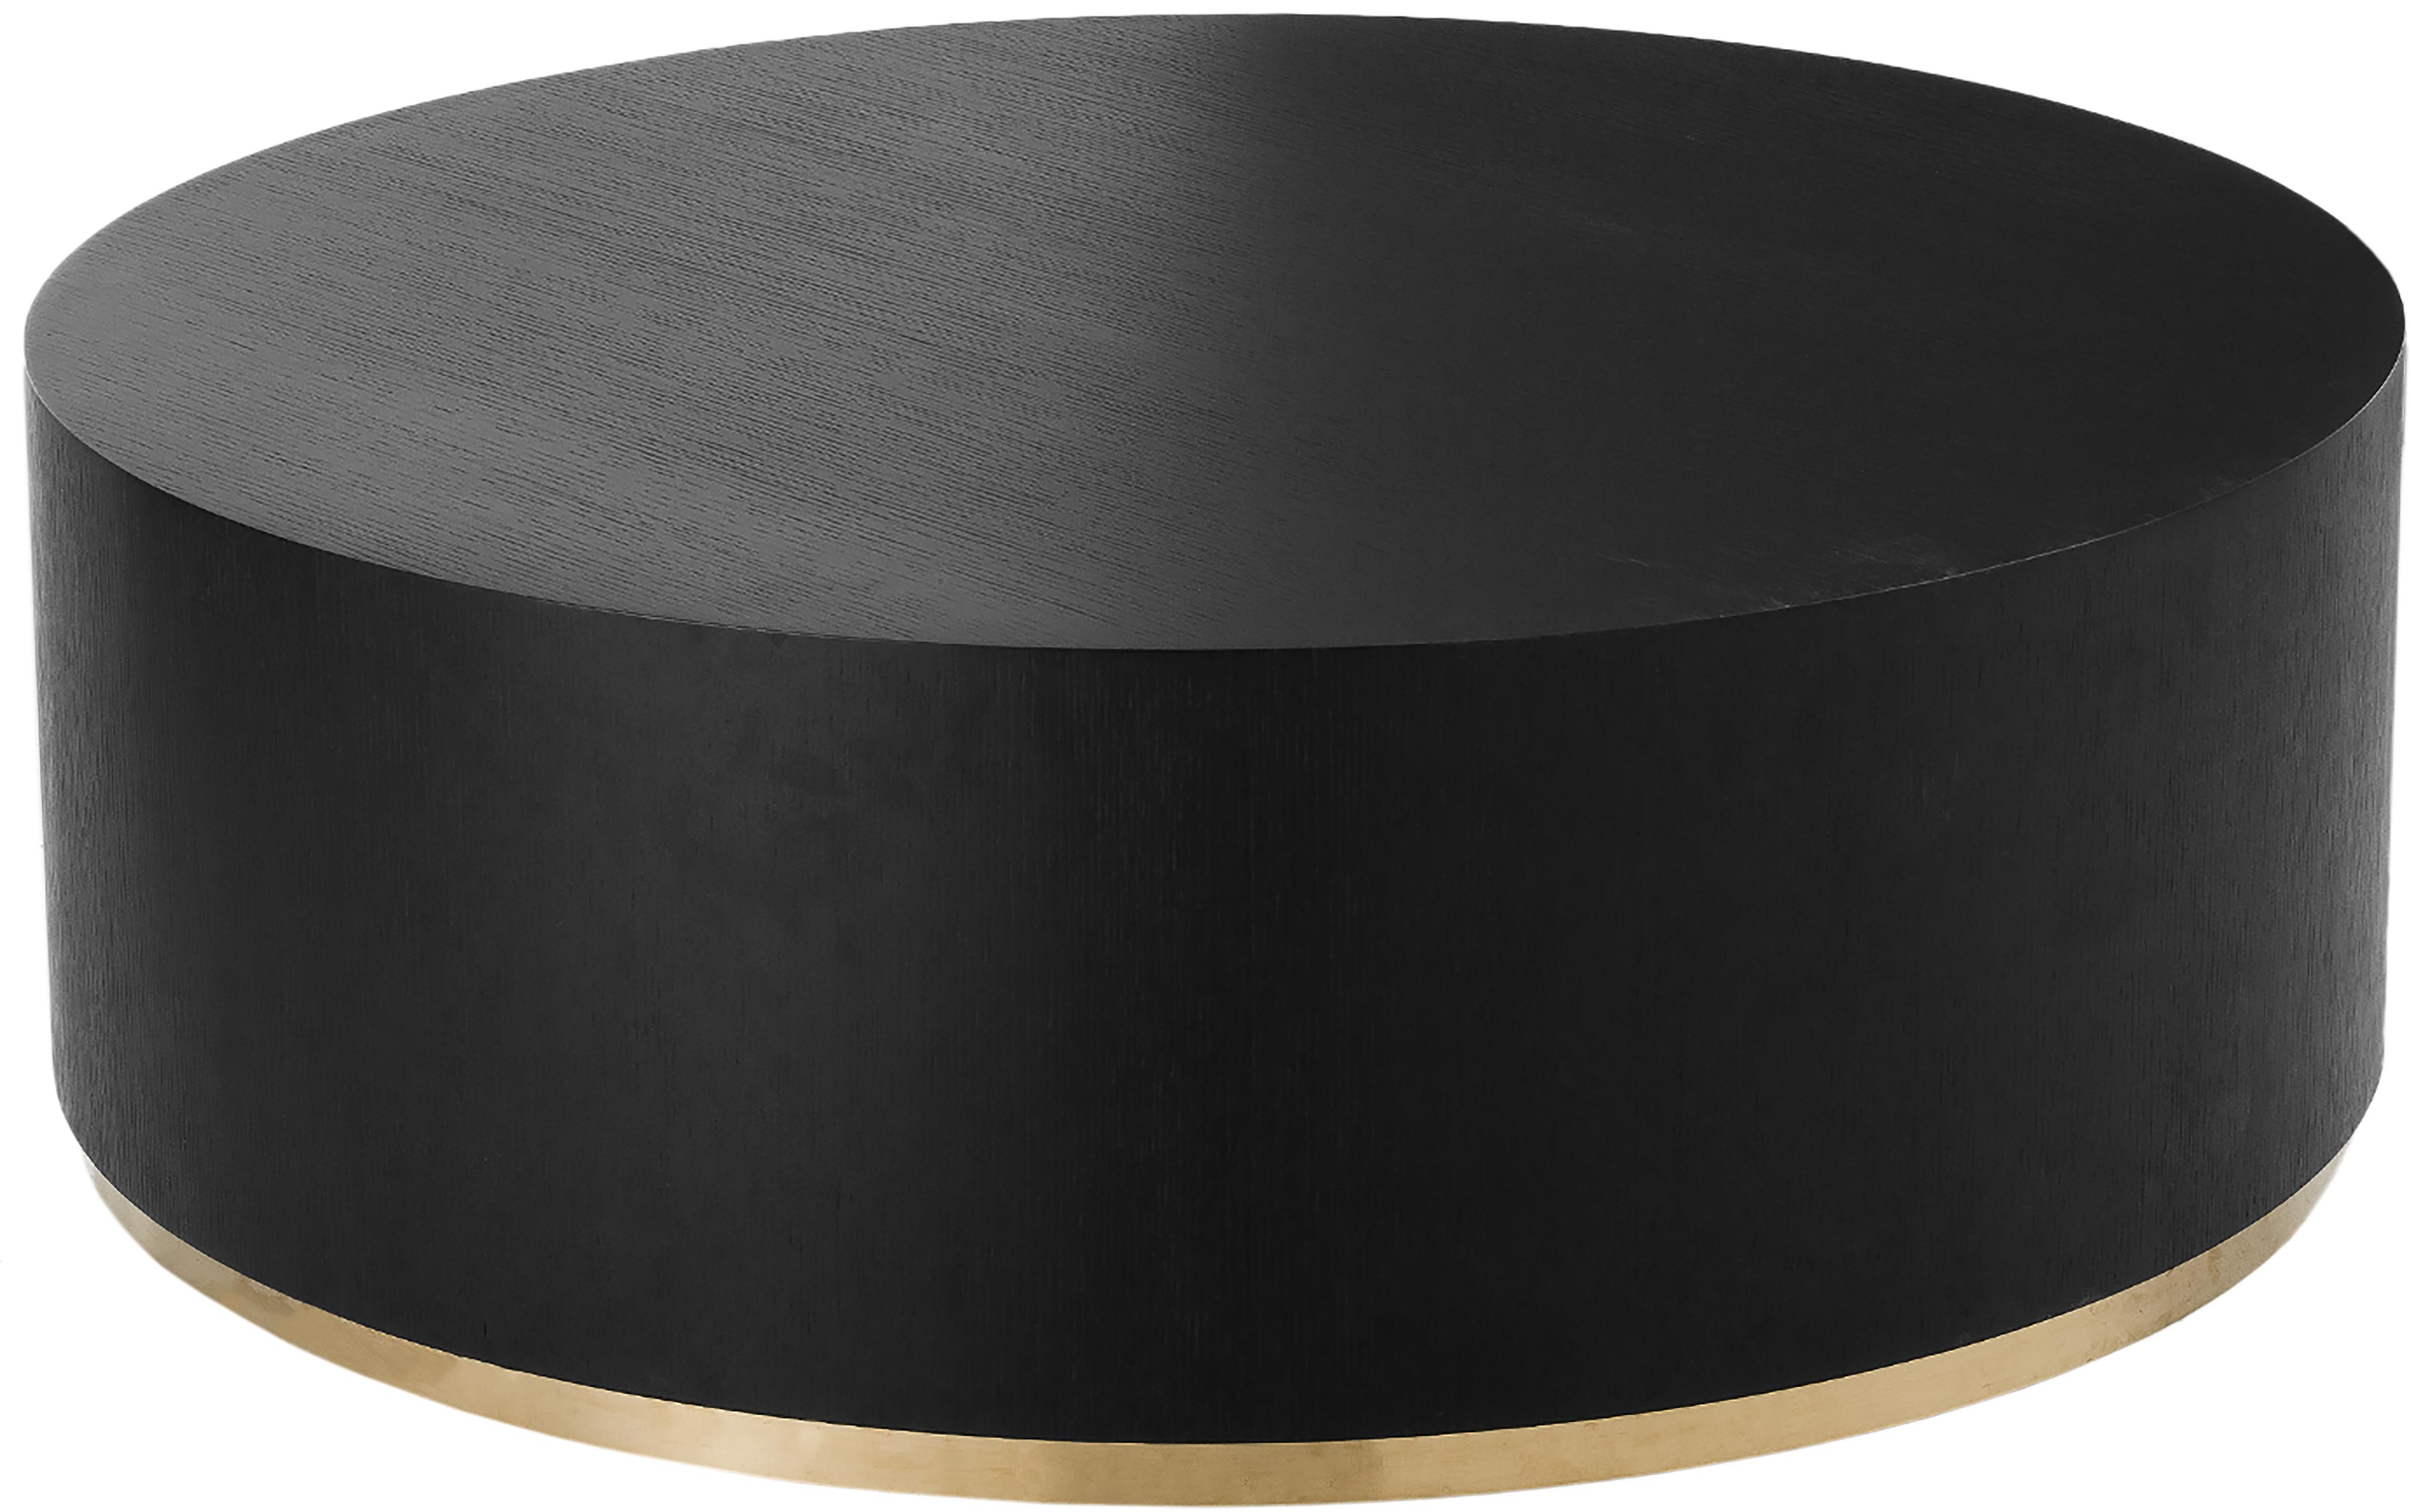 Tavolino da salotto rotondo Clarice, Corpo: legno di frassino, nero verniciato Base: dorato, Ø 100 x Alt. 36 cm